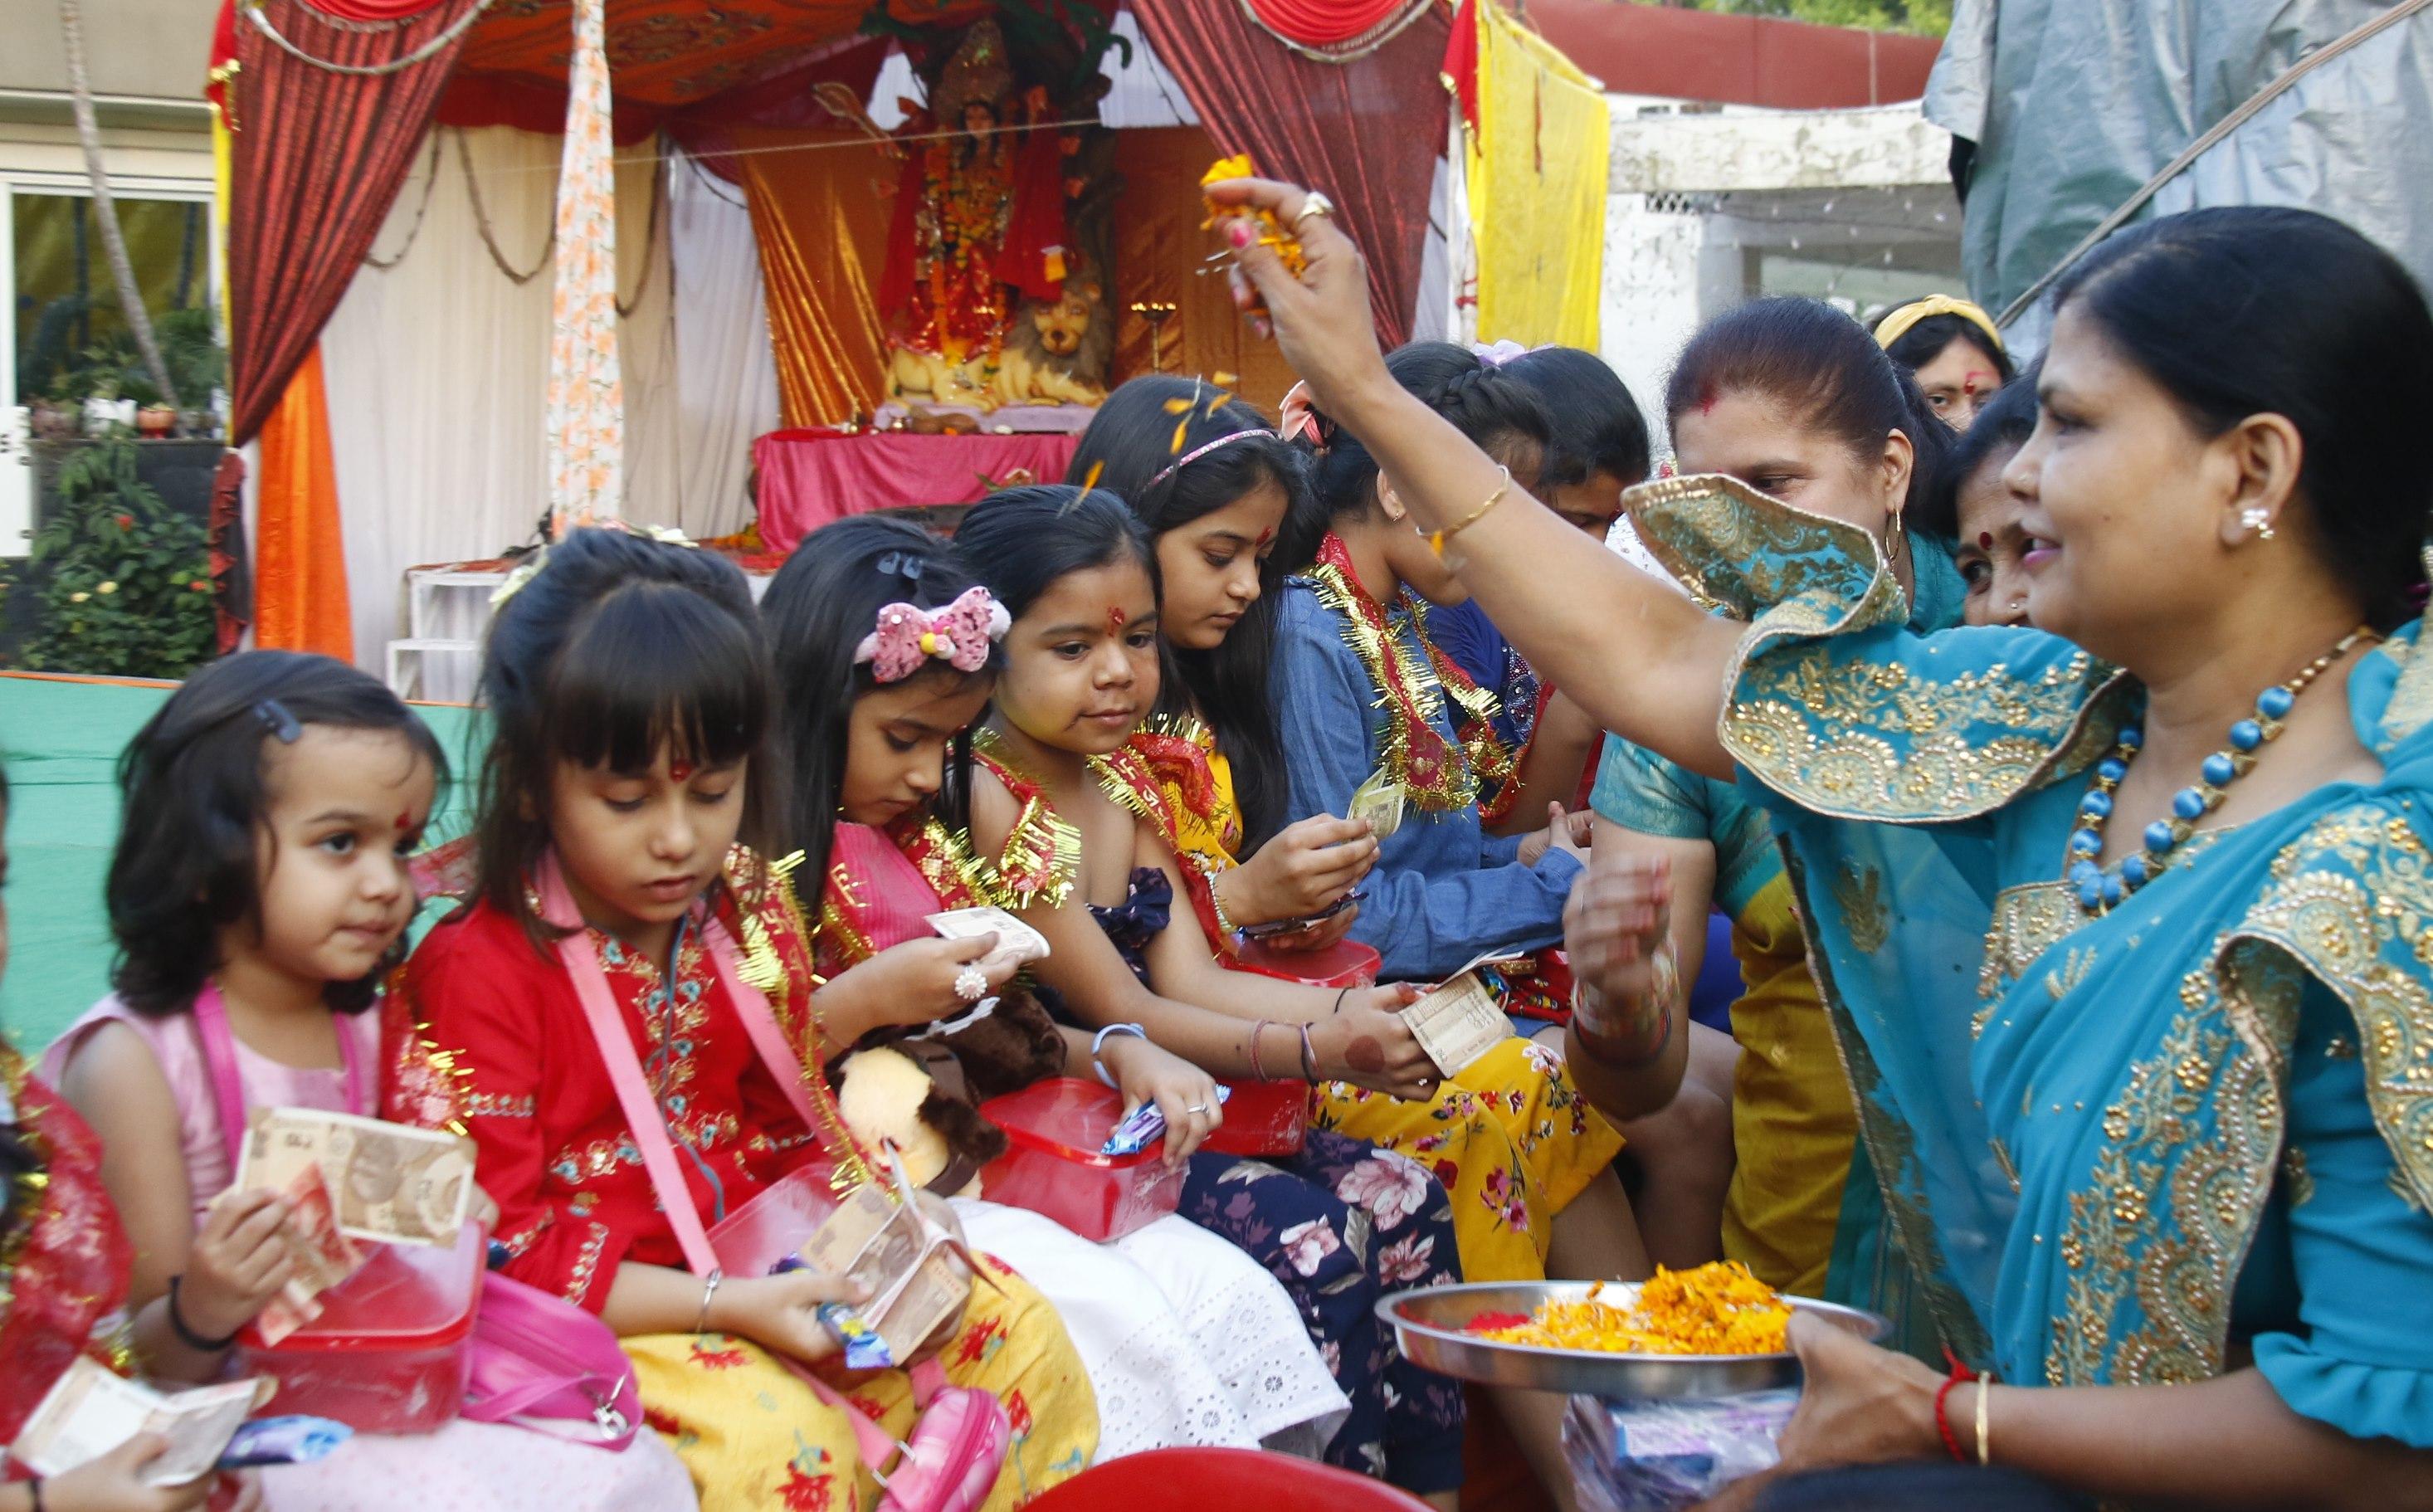 Navratri Festival 2021 Indore: शक्ति स्वरूपा कन्याओं का पूजन कर मां सिद्धिदात्री से मांगी सुख-समृद्धि